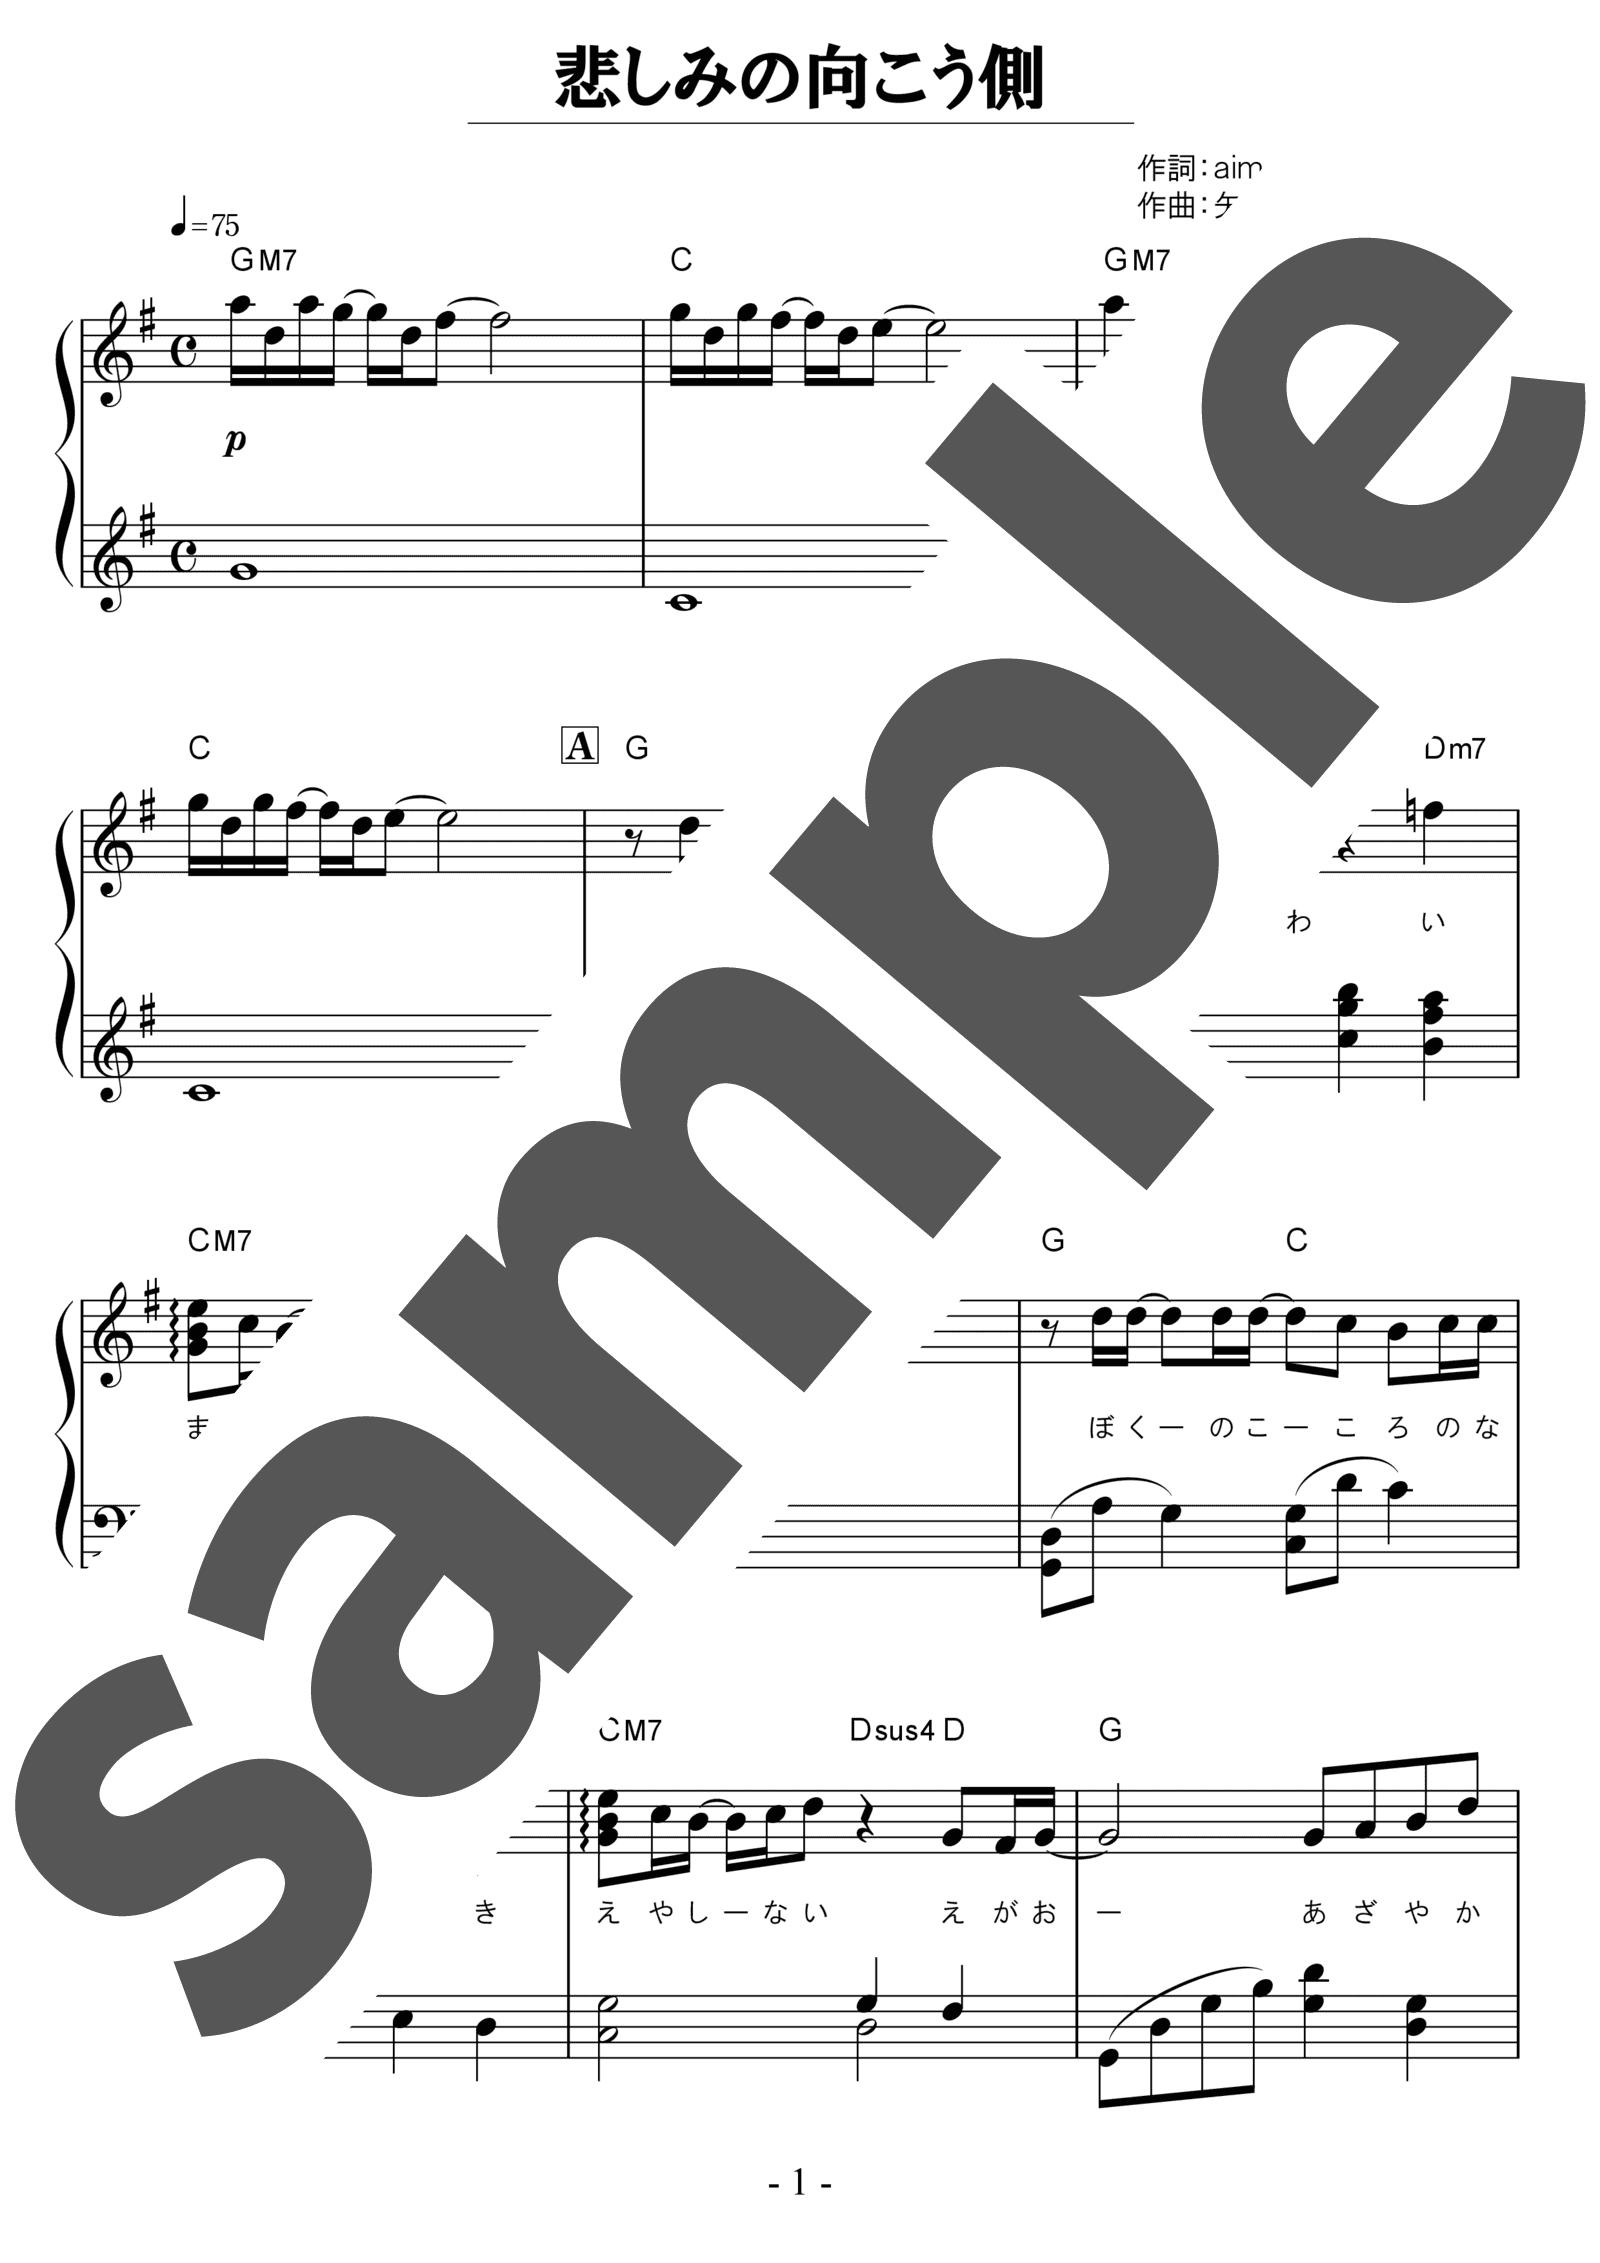 「悲しみの向こう側」のサンプル楽譜